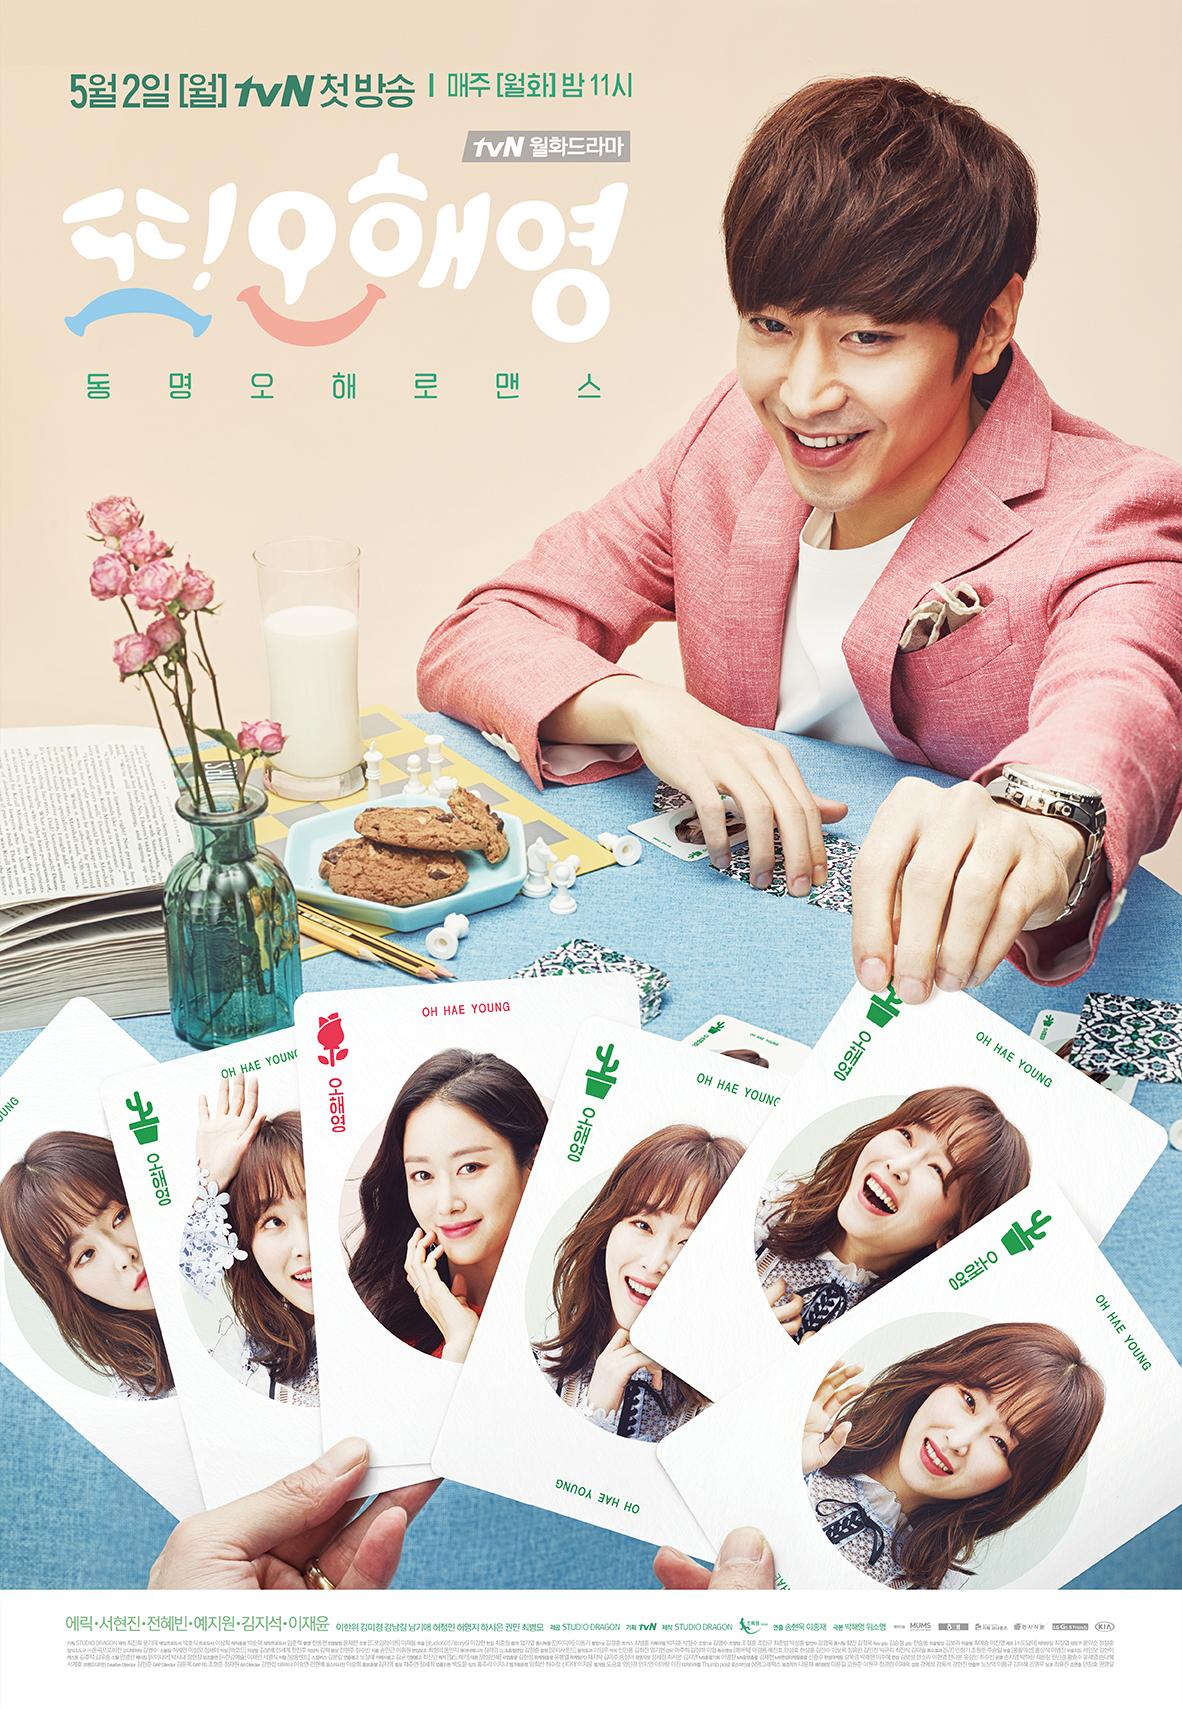 韩剧收视:《吴海英》打响tvN五月剧头炮